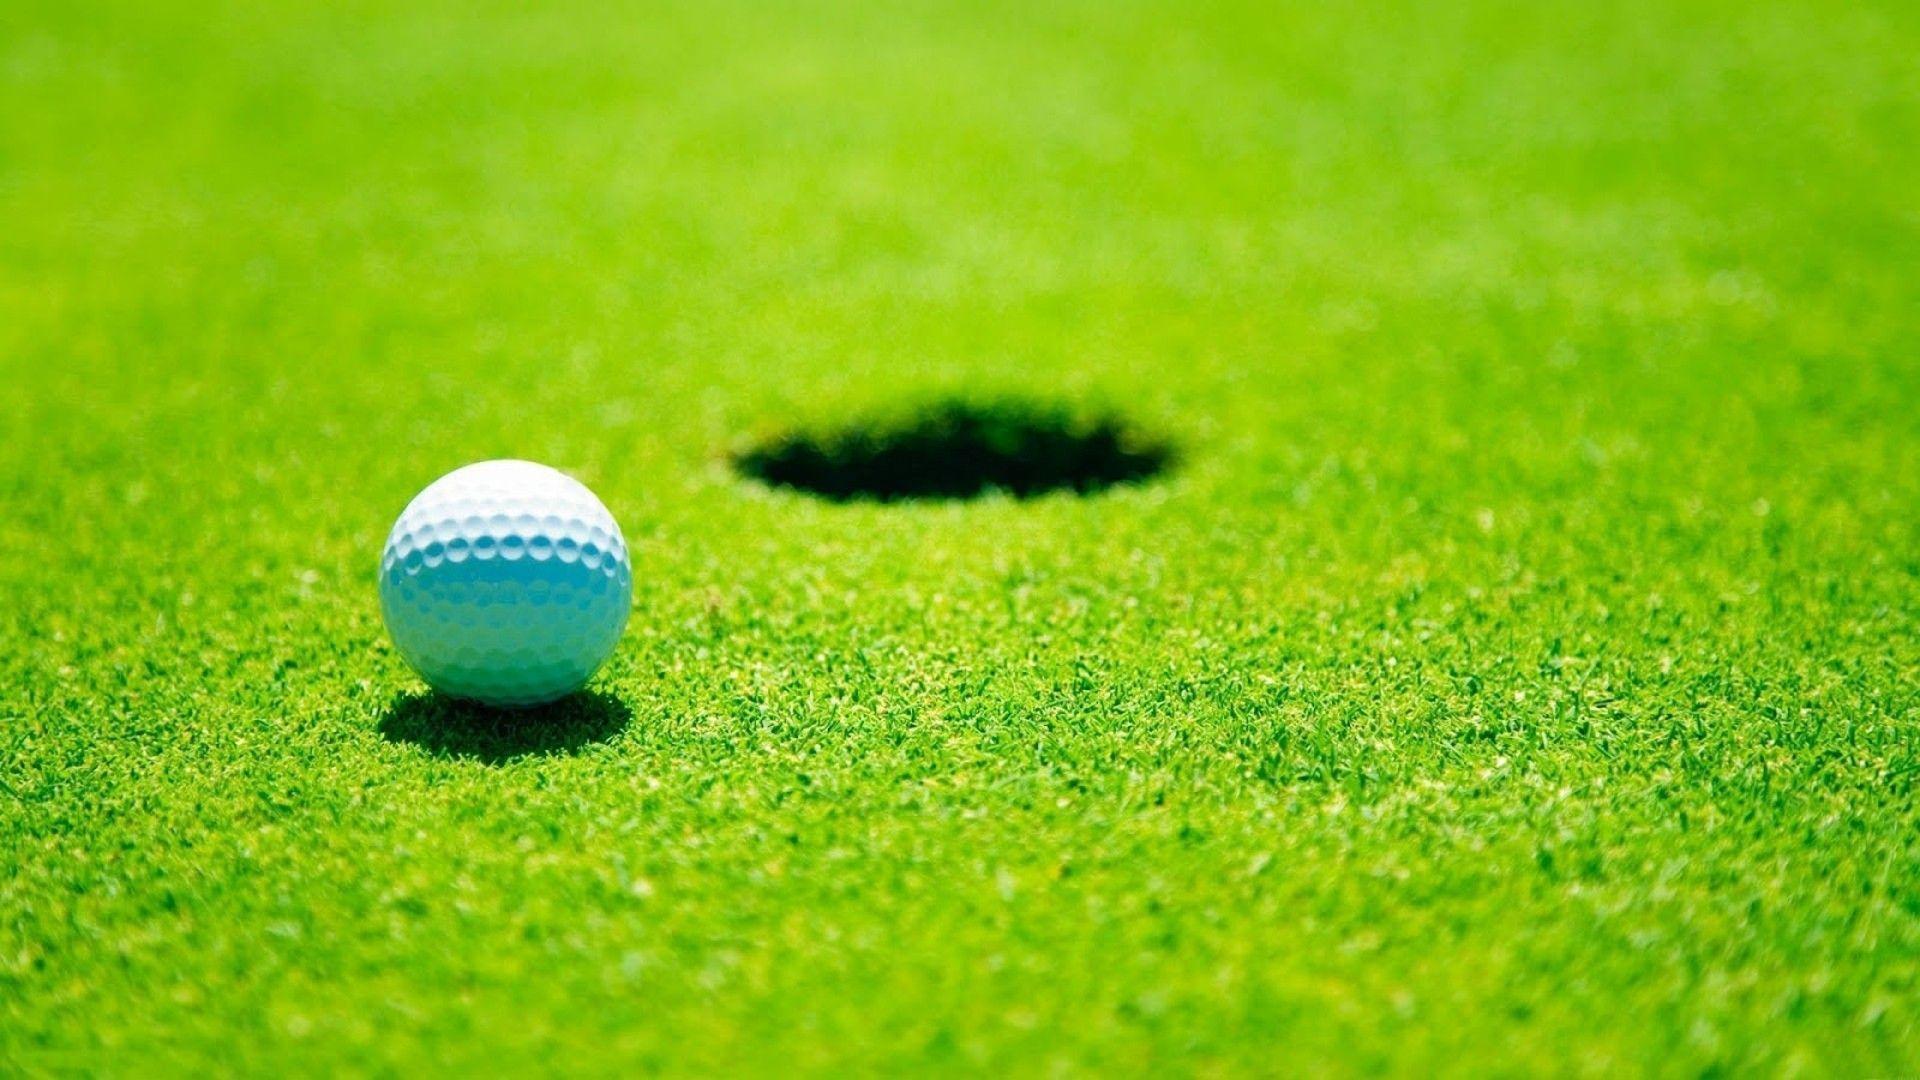 cool ball golf wallpaper - photo #5